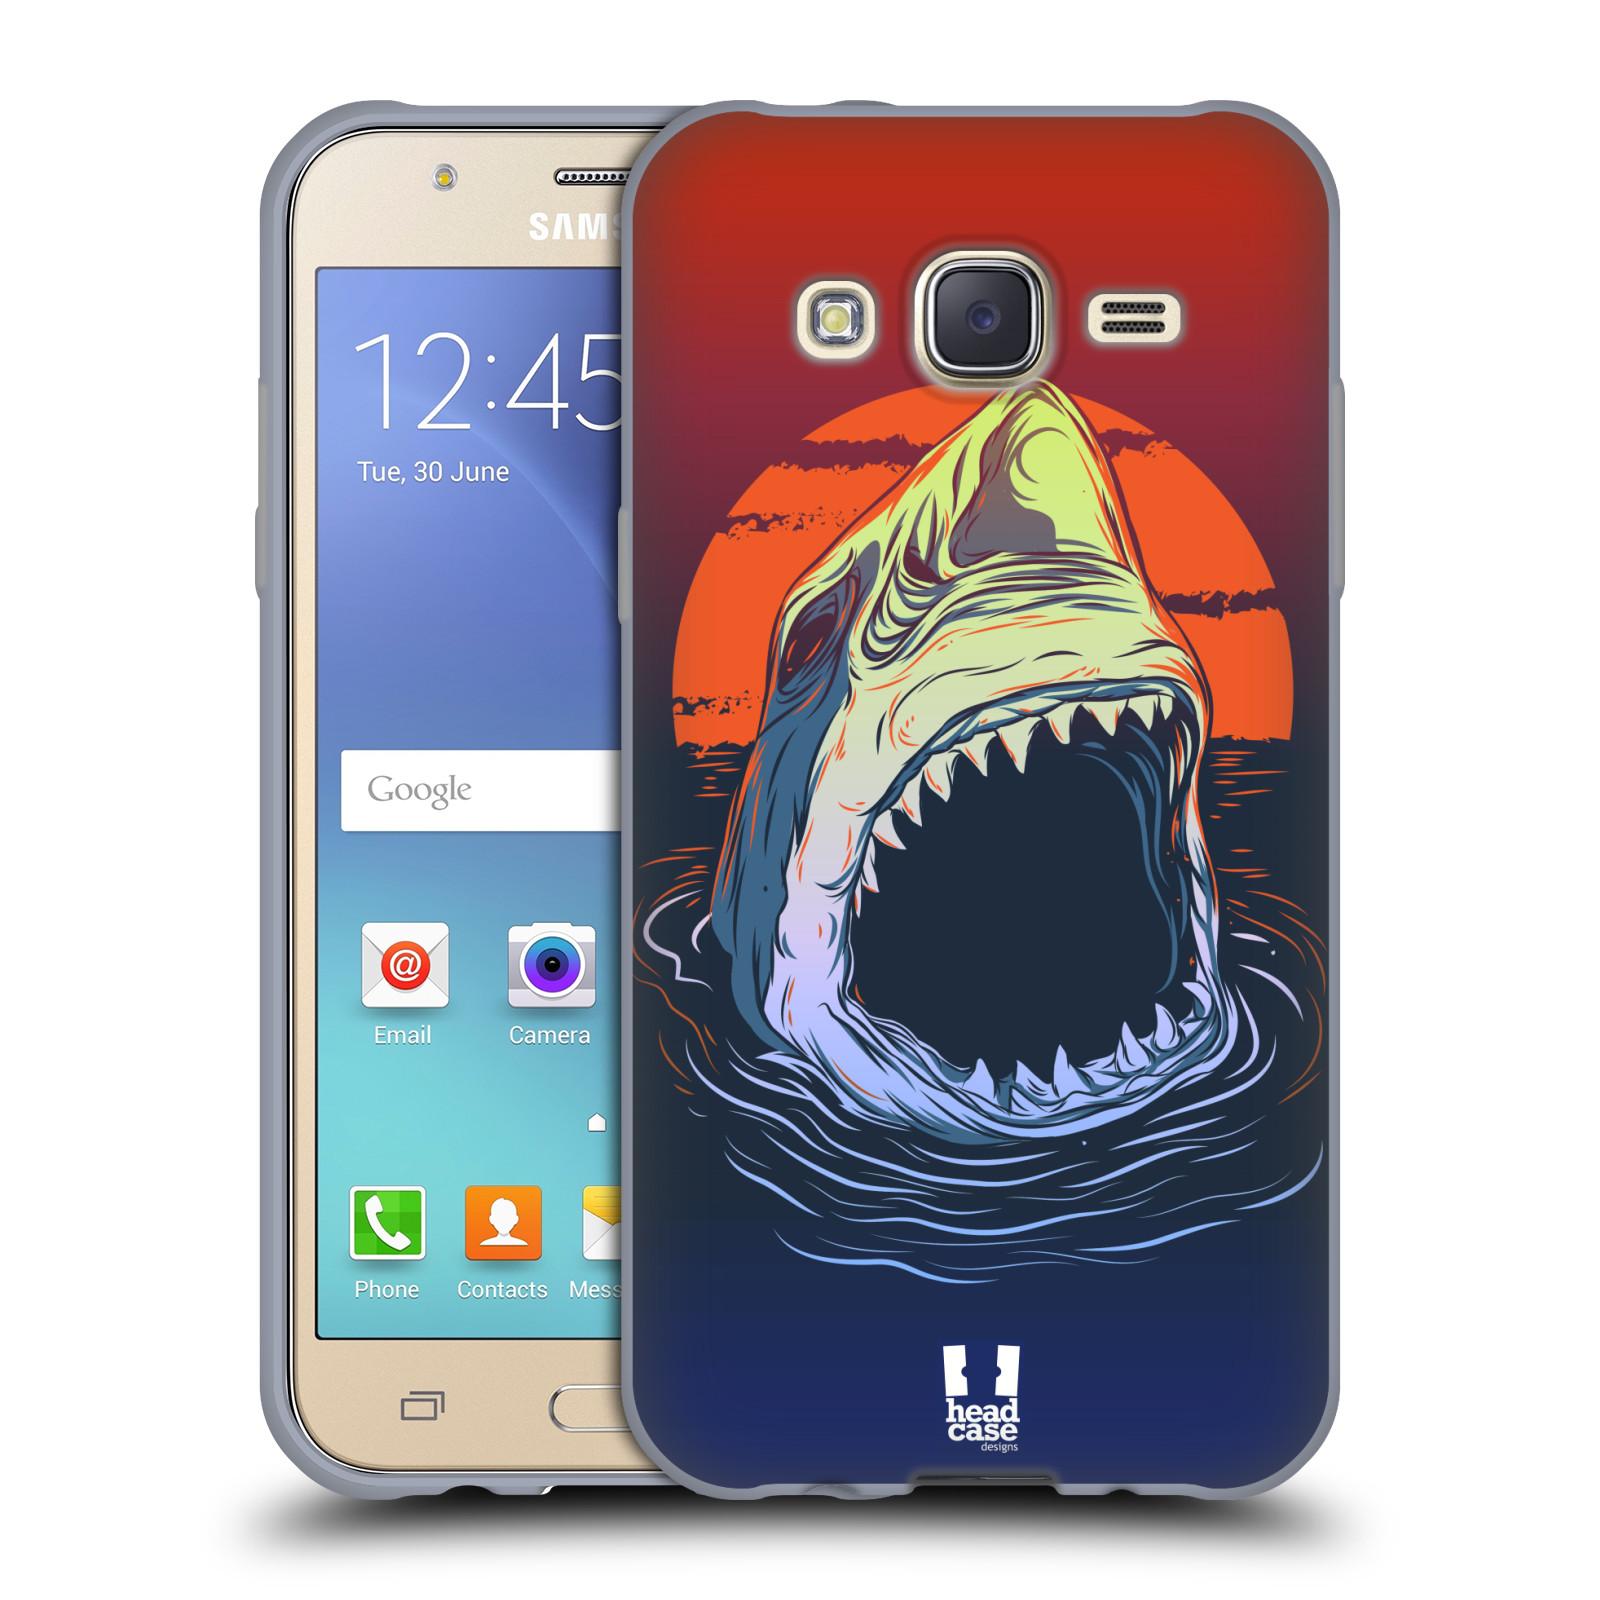 HEAD CASE silikonový obal na mobil Samsung Galaxy J5, J500, (J5 DUOS) vzor mořská monstra žralok